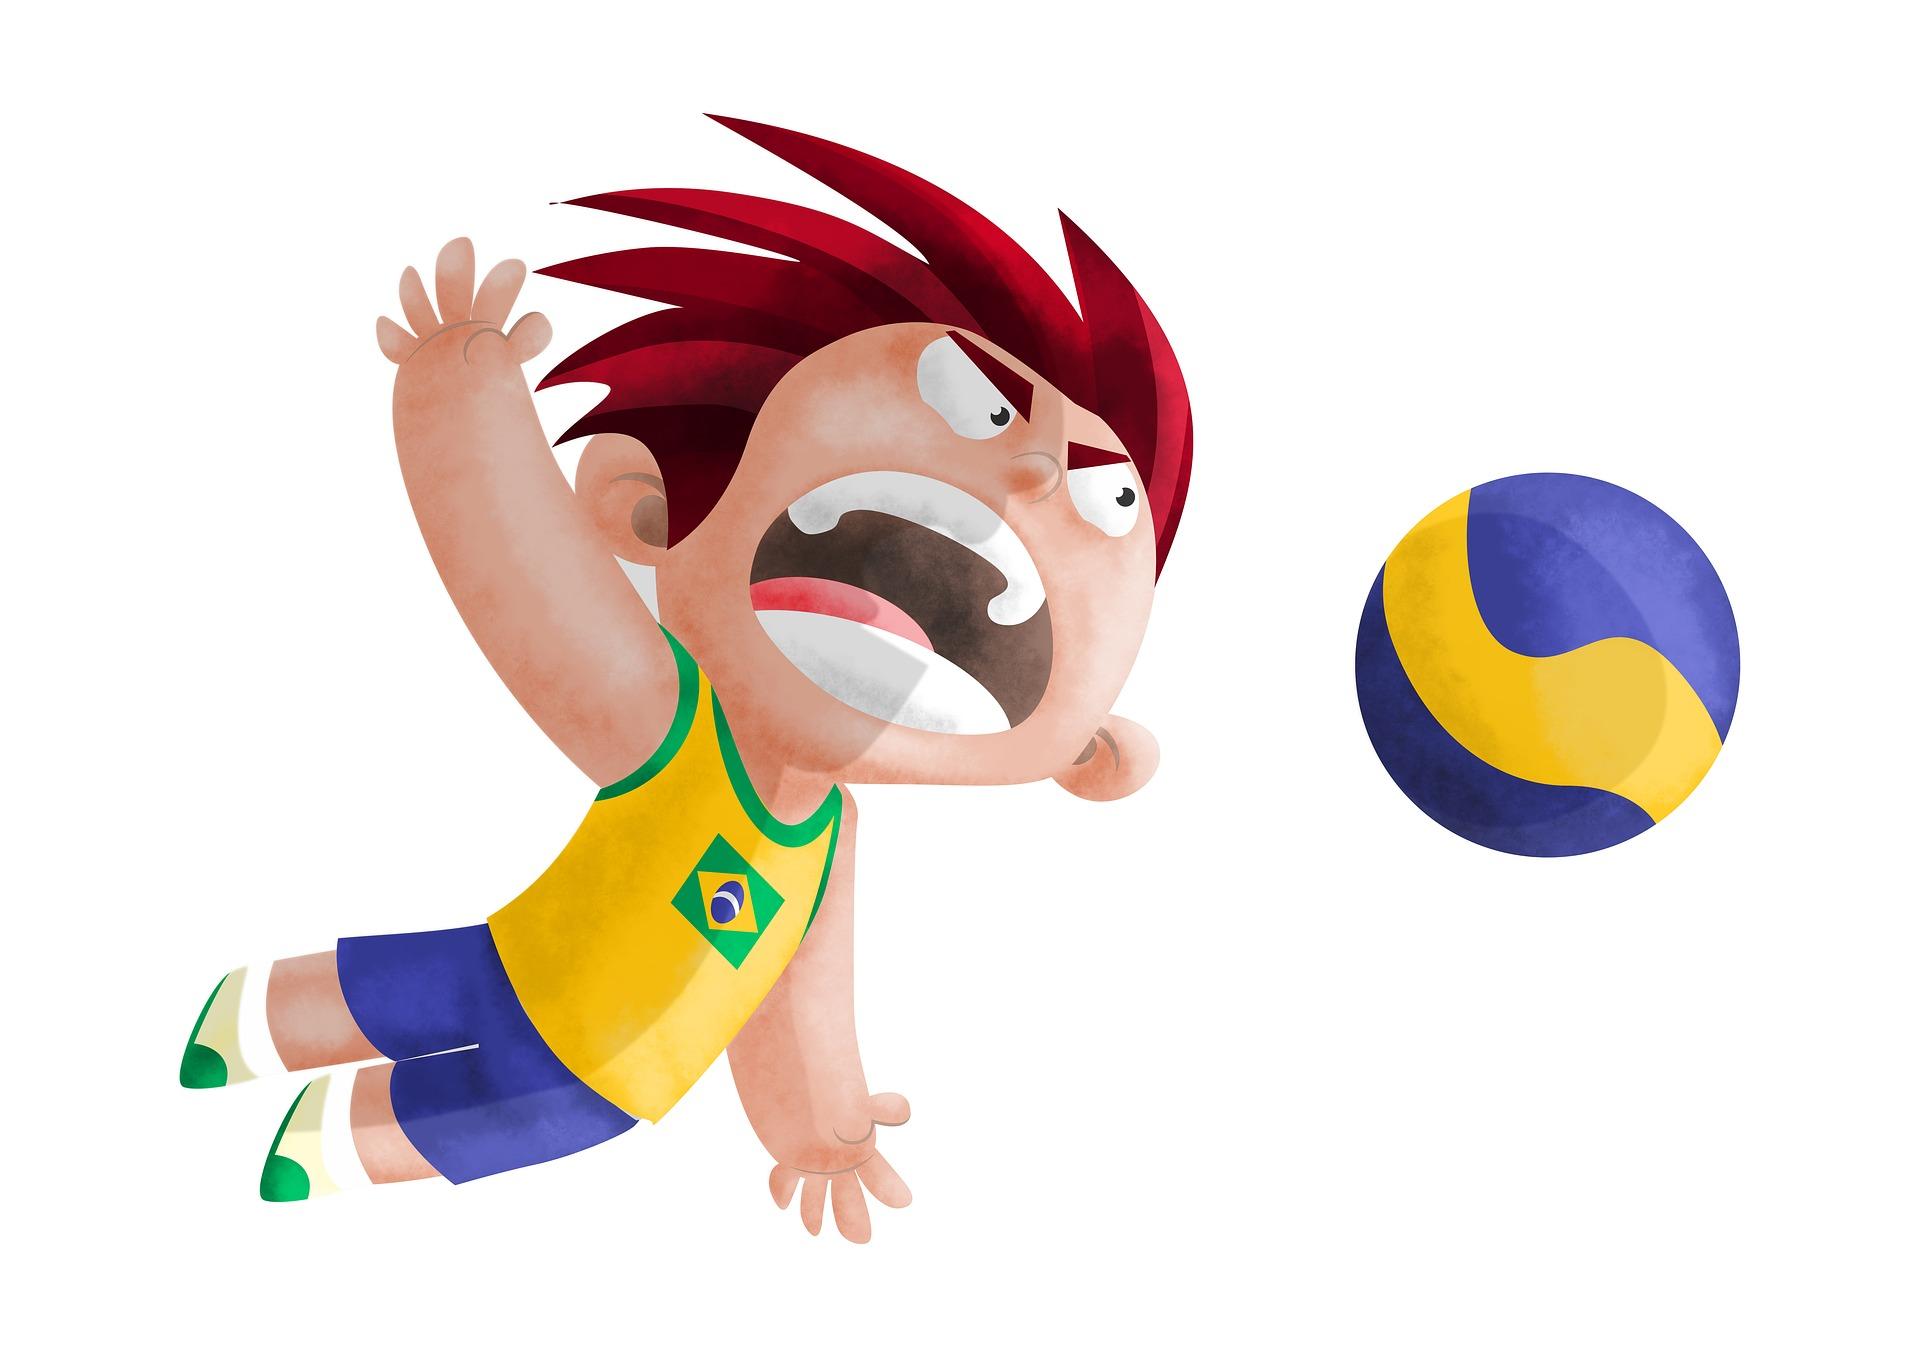 Volley-ball, Guy, Brésil, juegos olímpicos, Jeux olympiques - Fonds d'écran HD - Professor-falken.com